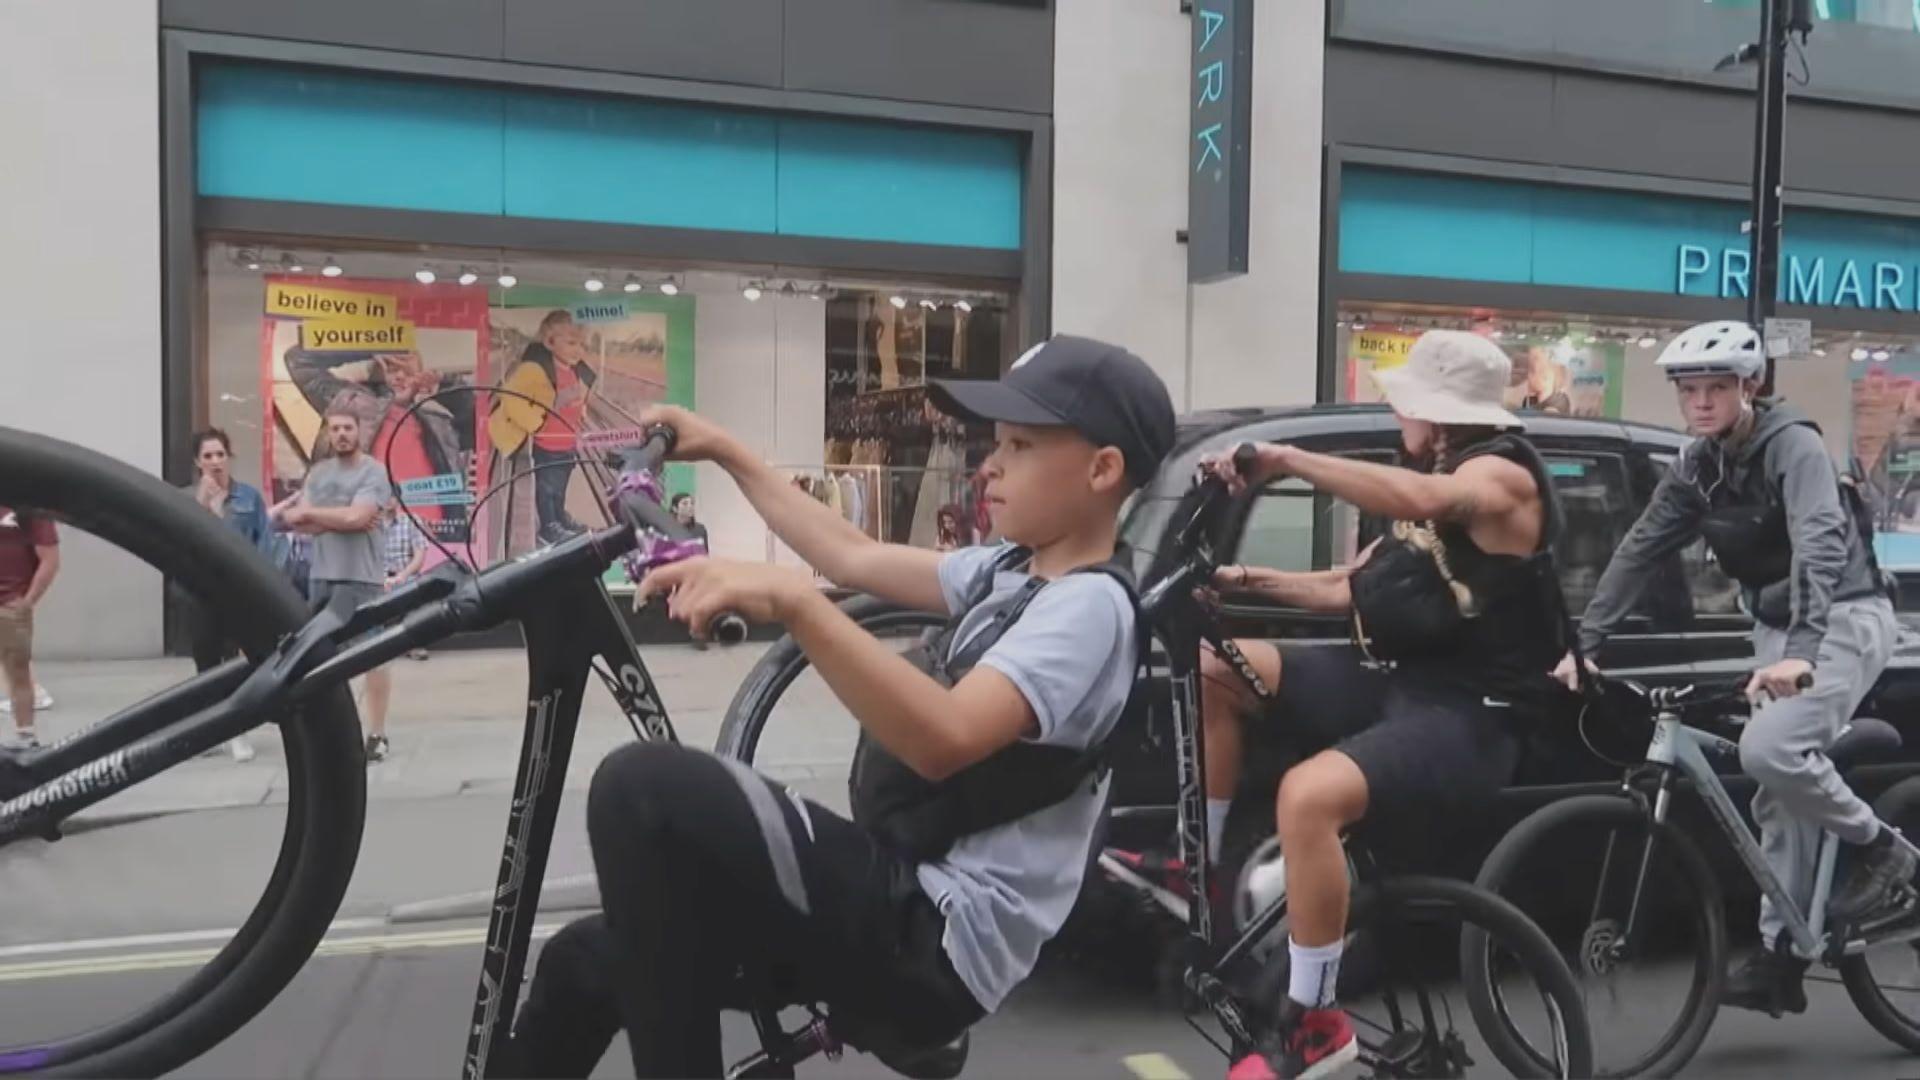 【環球薈報】英國青年集體踏單車反刀械犯罪惹爭議